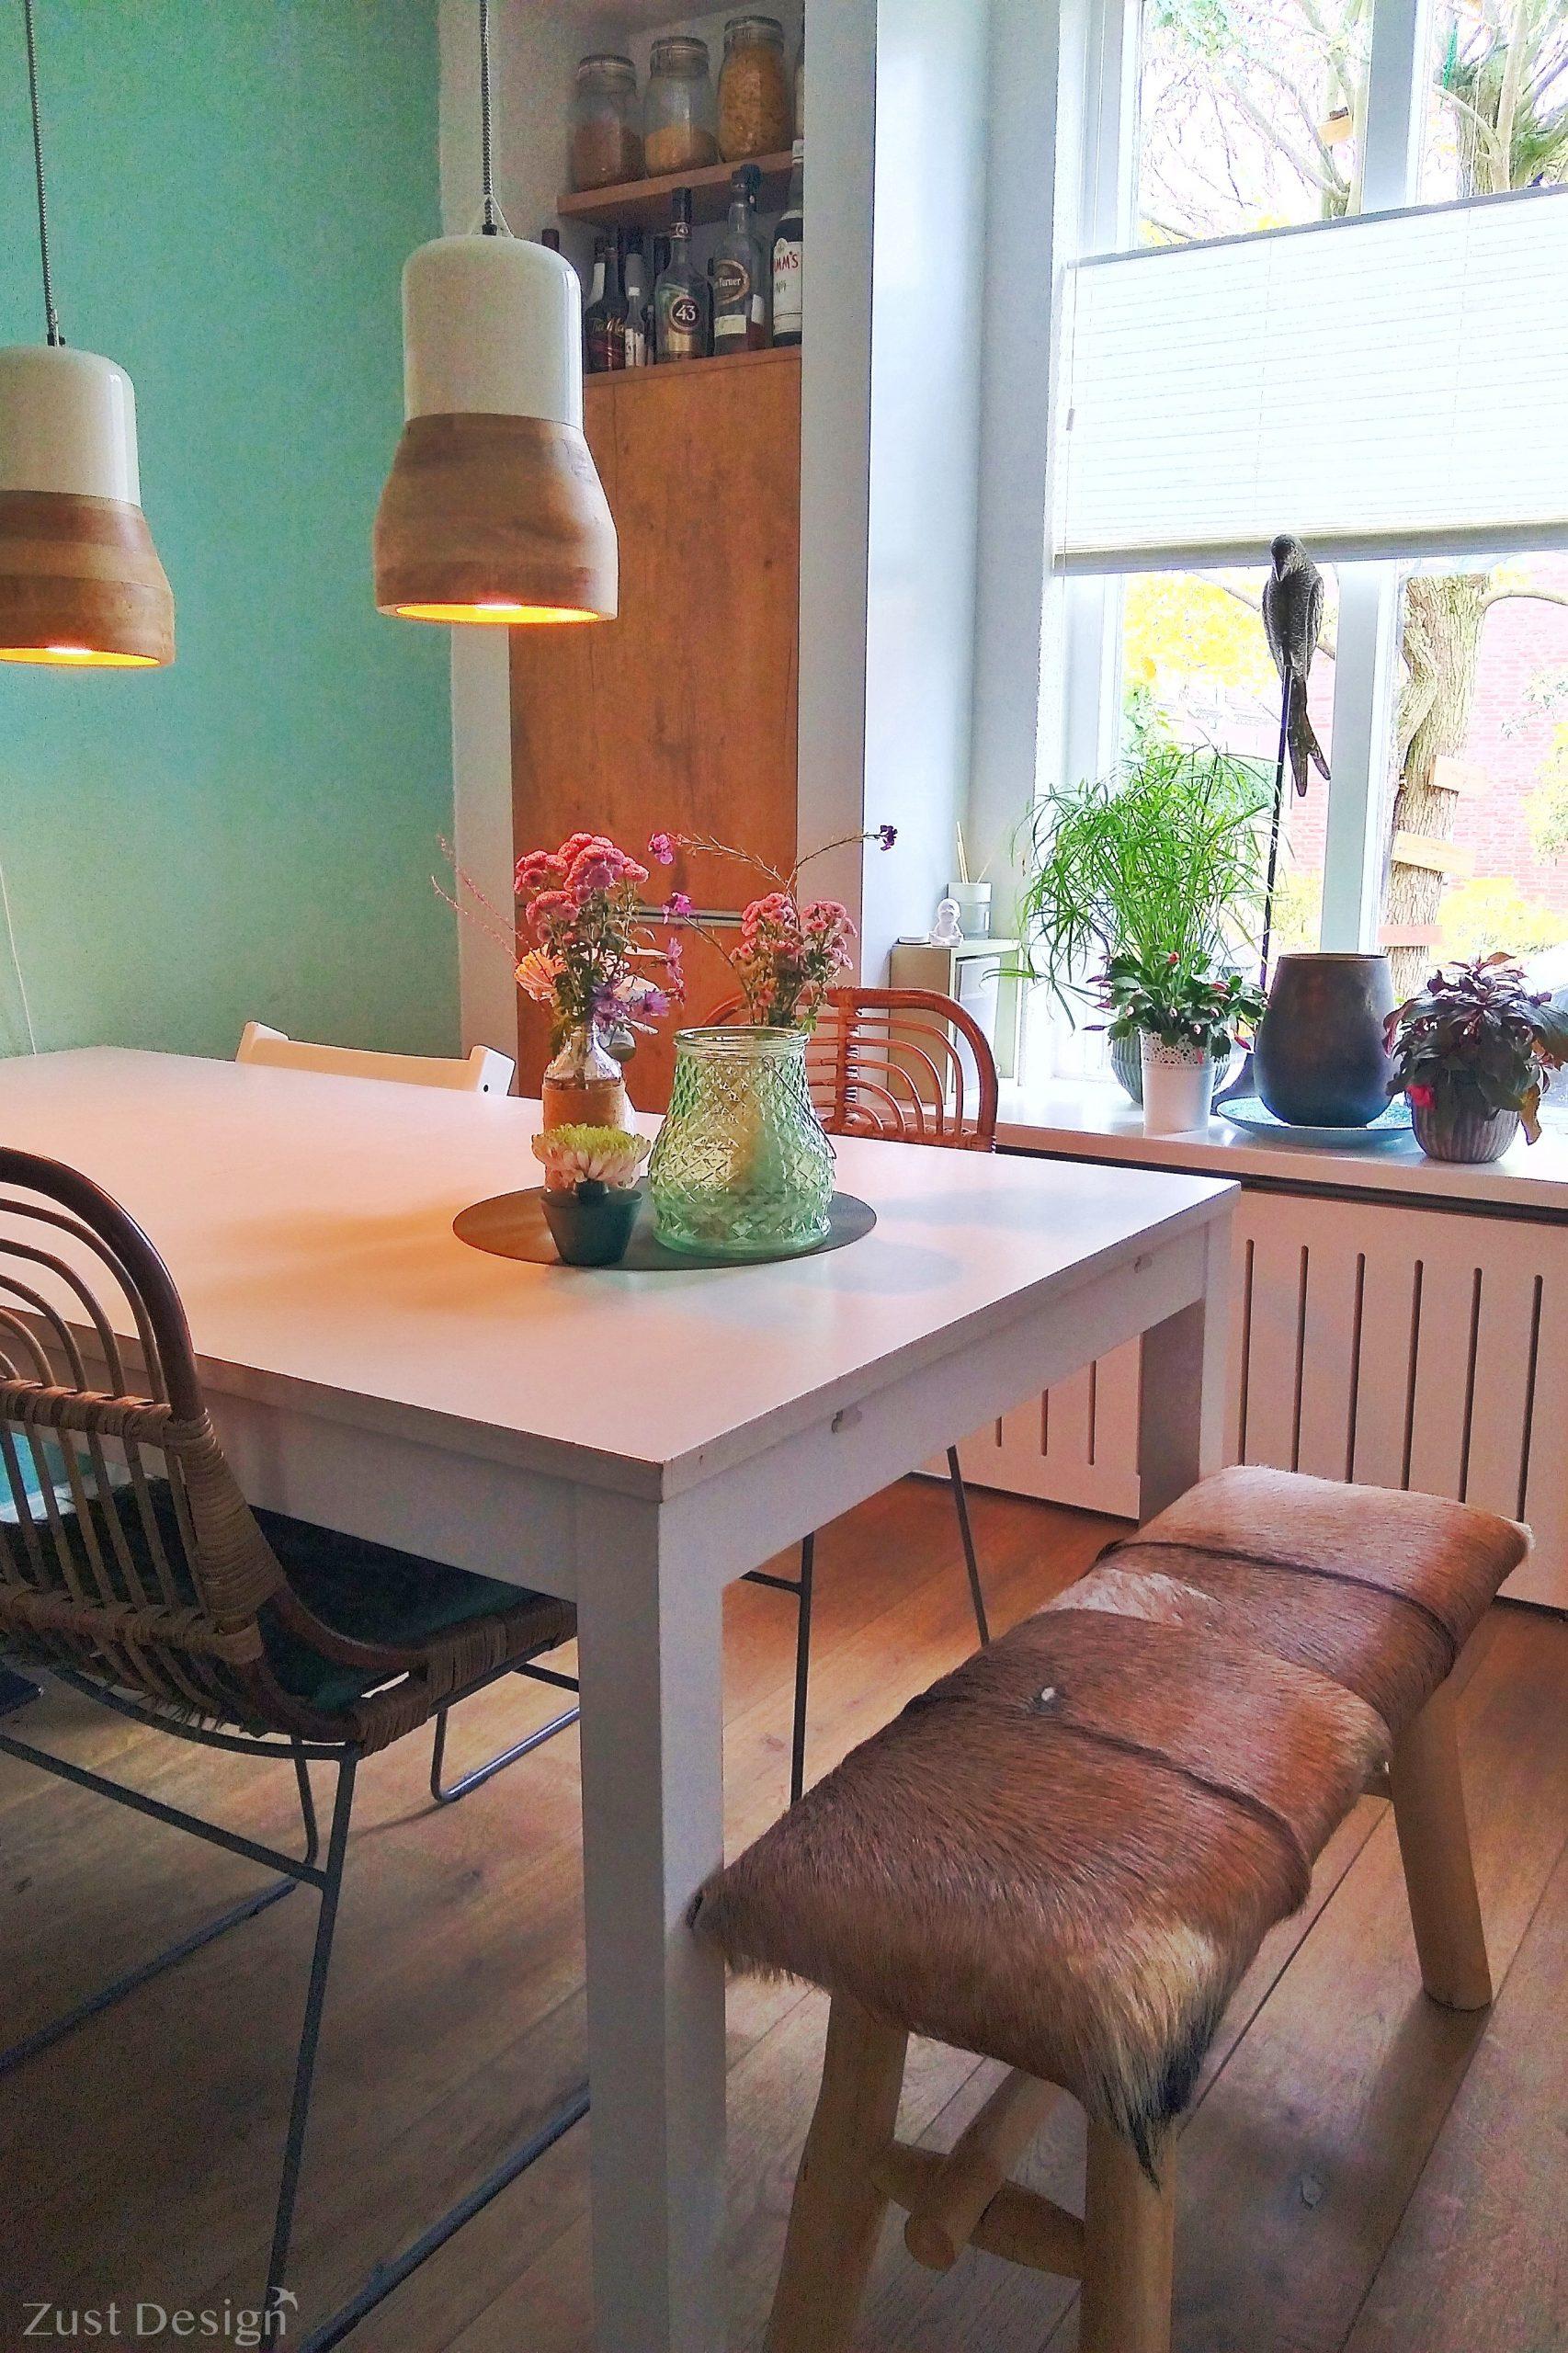 Binnenkijken: slaapkamer particulier woonhuis nuenen nieuw interieur design